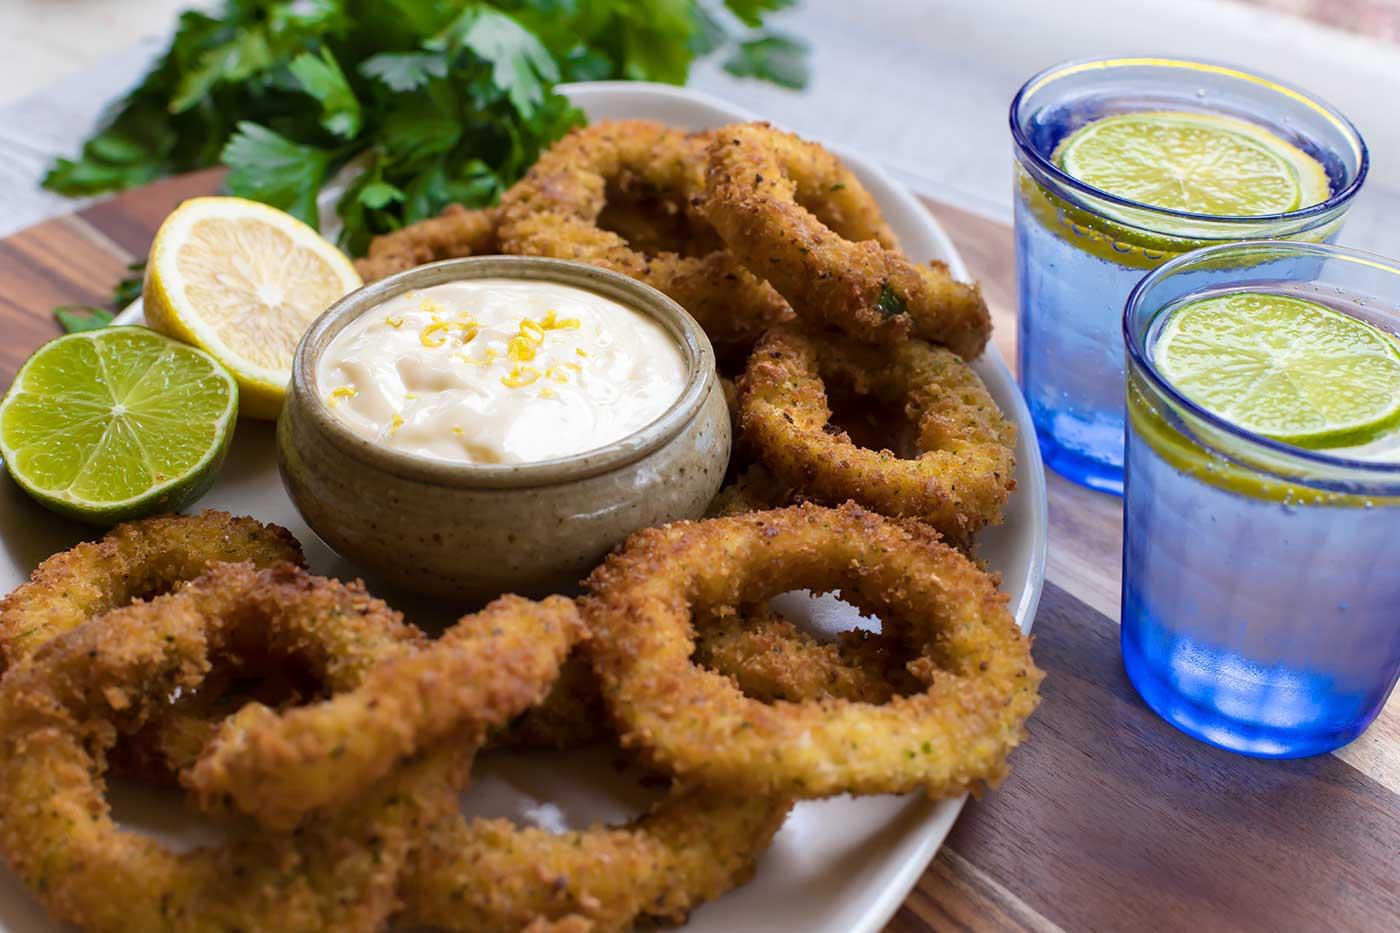 Fried-Calamari-and-Lemon-Mayonnaise-Thermomix-Recipe